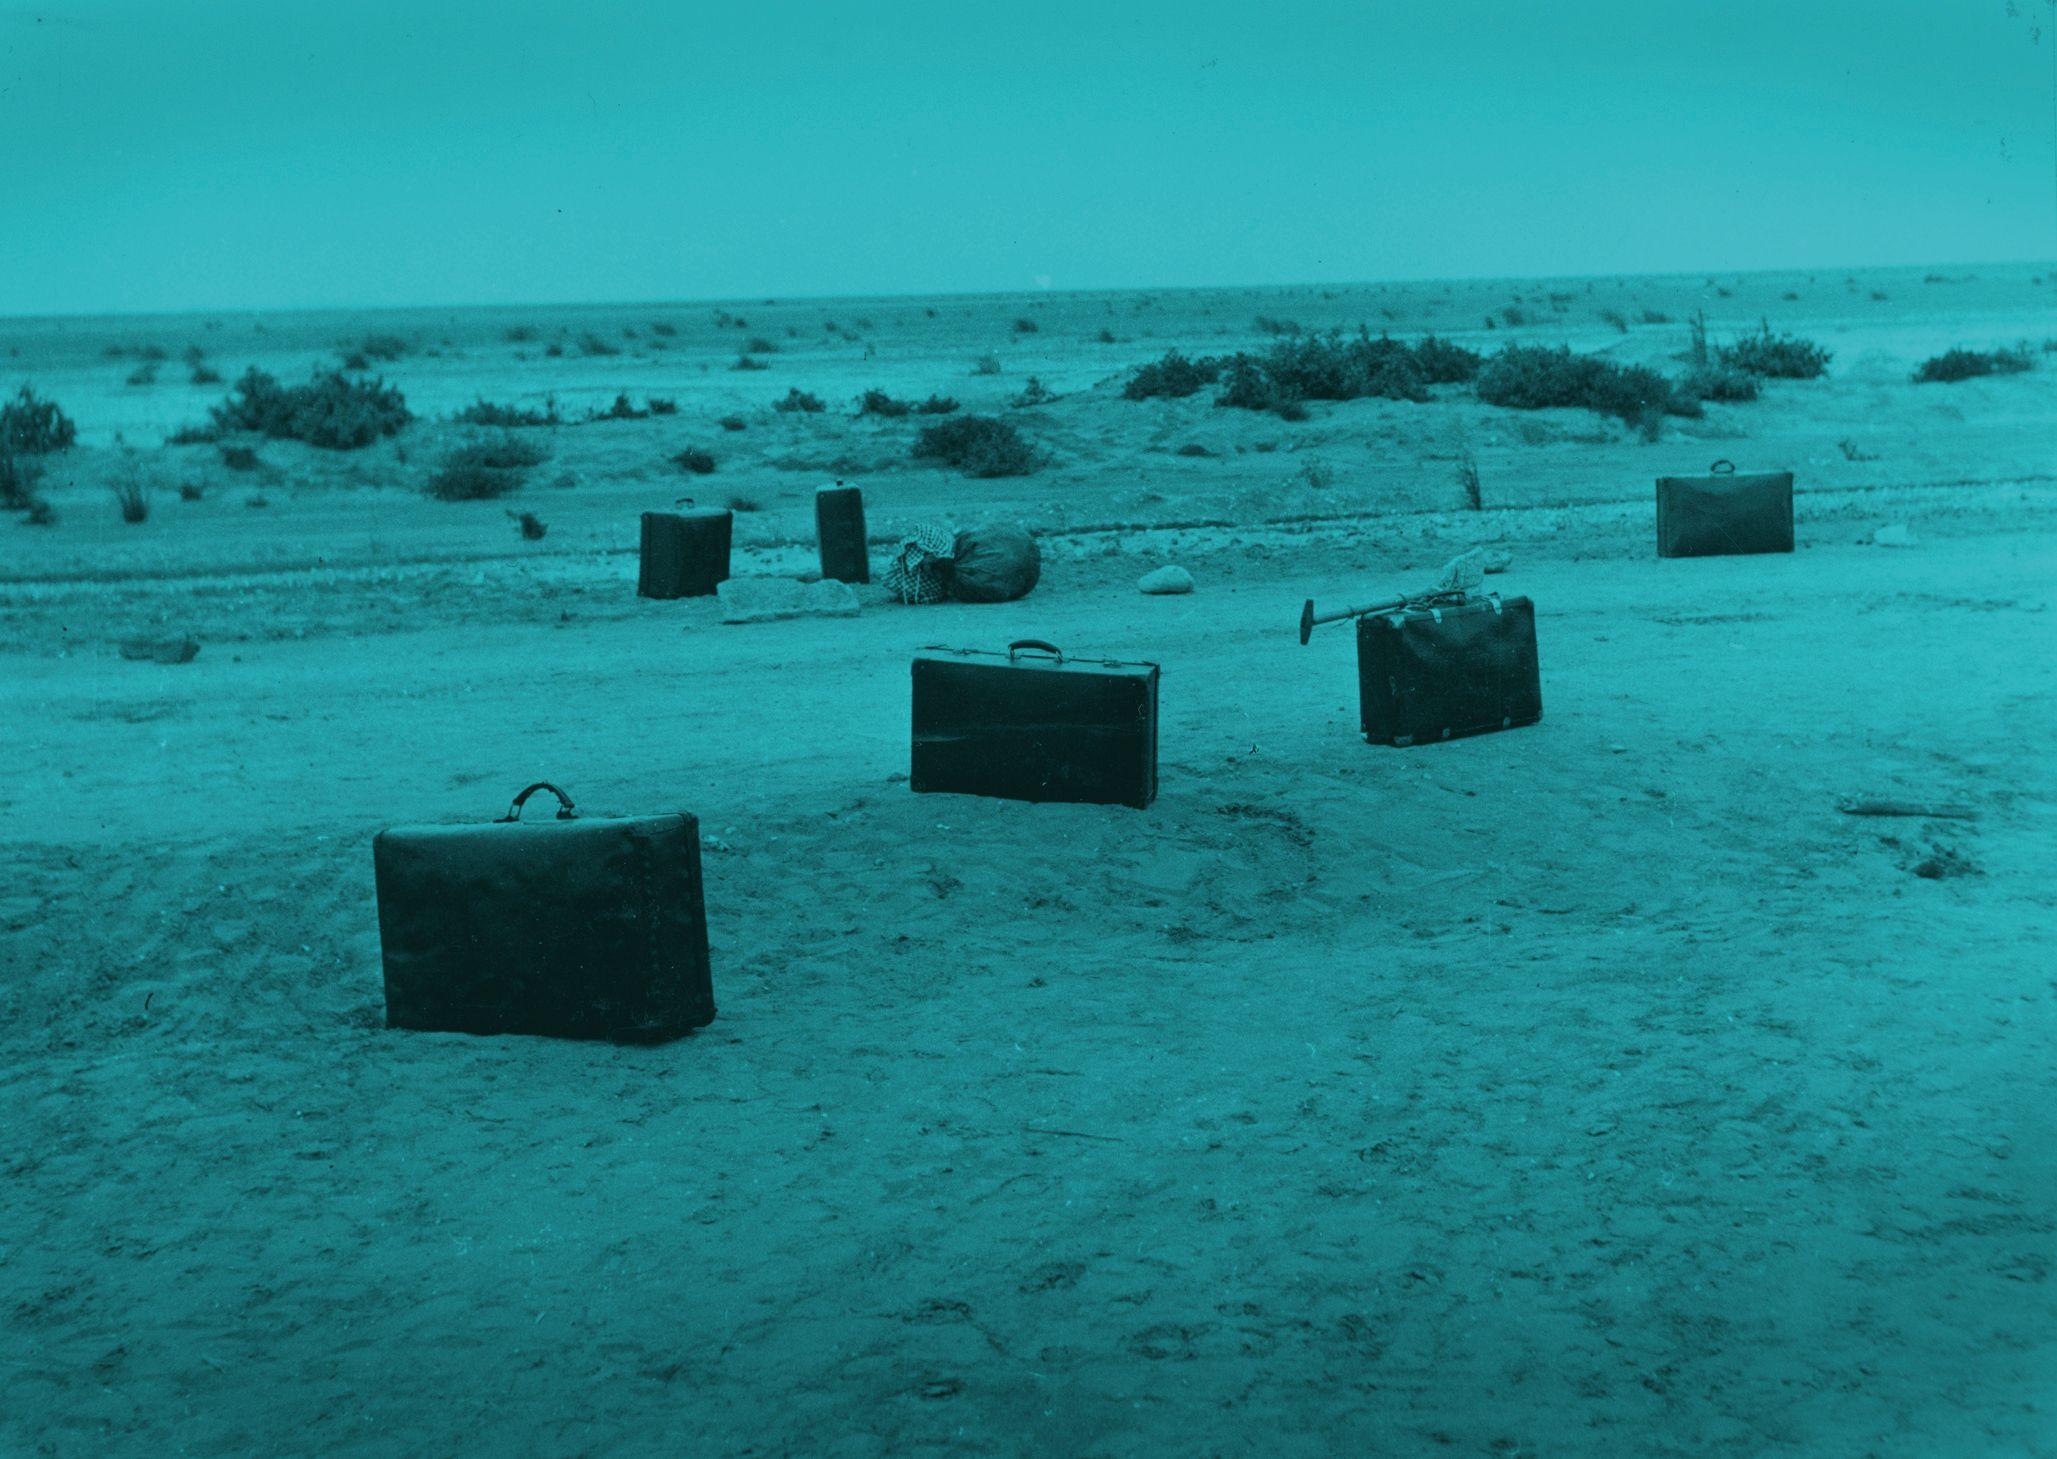 Noordoostpolder: Ramspol. Arbeiders en onderduikers in de polder. Aankomst te Ramspol. Fotocollectie Nieuw Land, Directie Wieringermeer; H. Nieuwenhuis